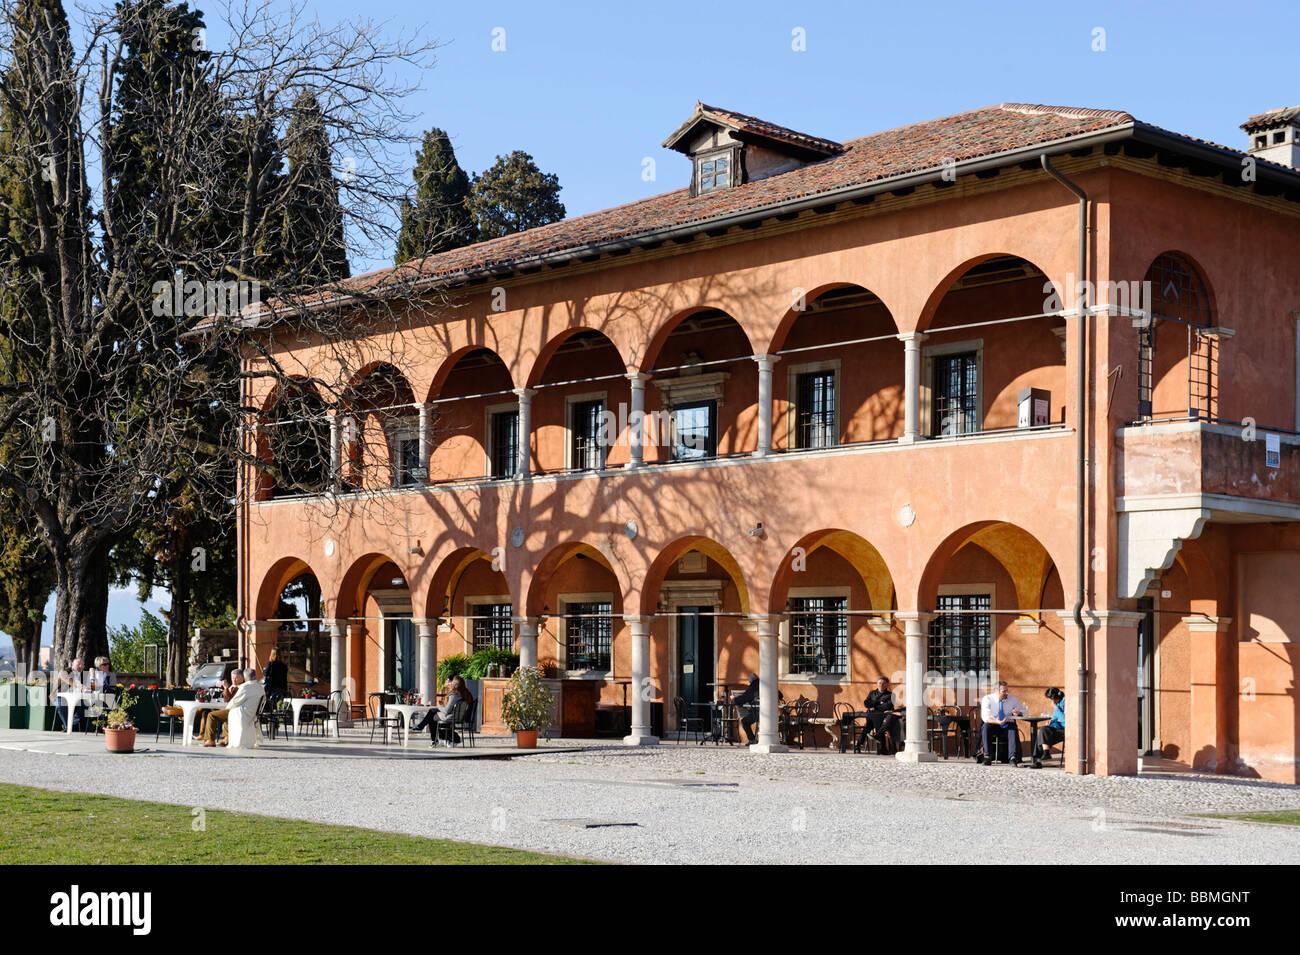 Casa della Contadinanza Castello Udine FriuliVenezia Giulia Stock Photo 24423780  Alamy